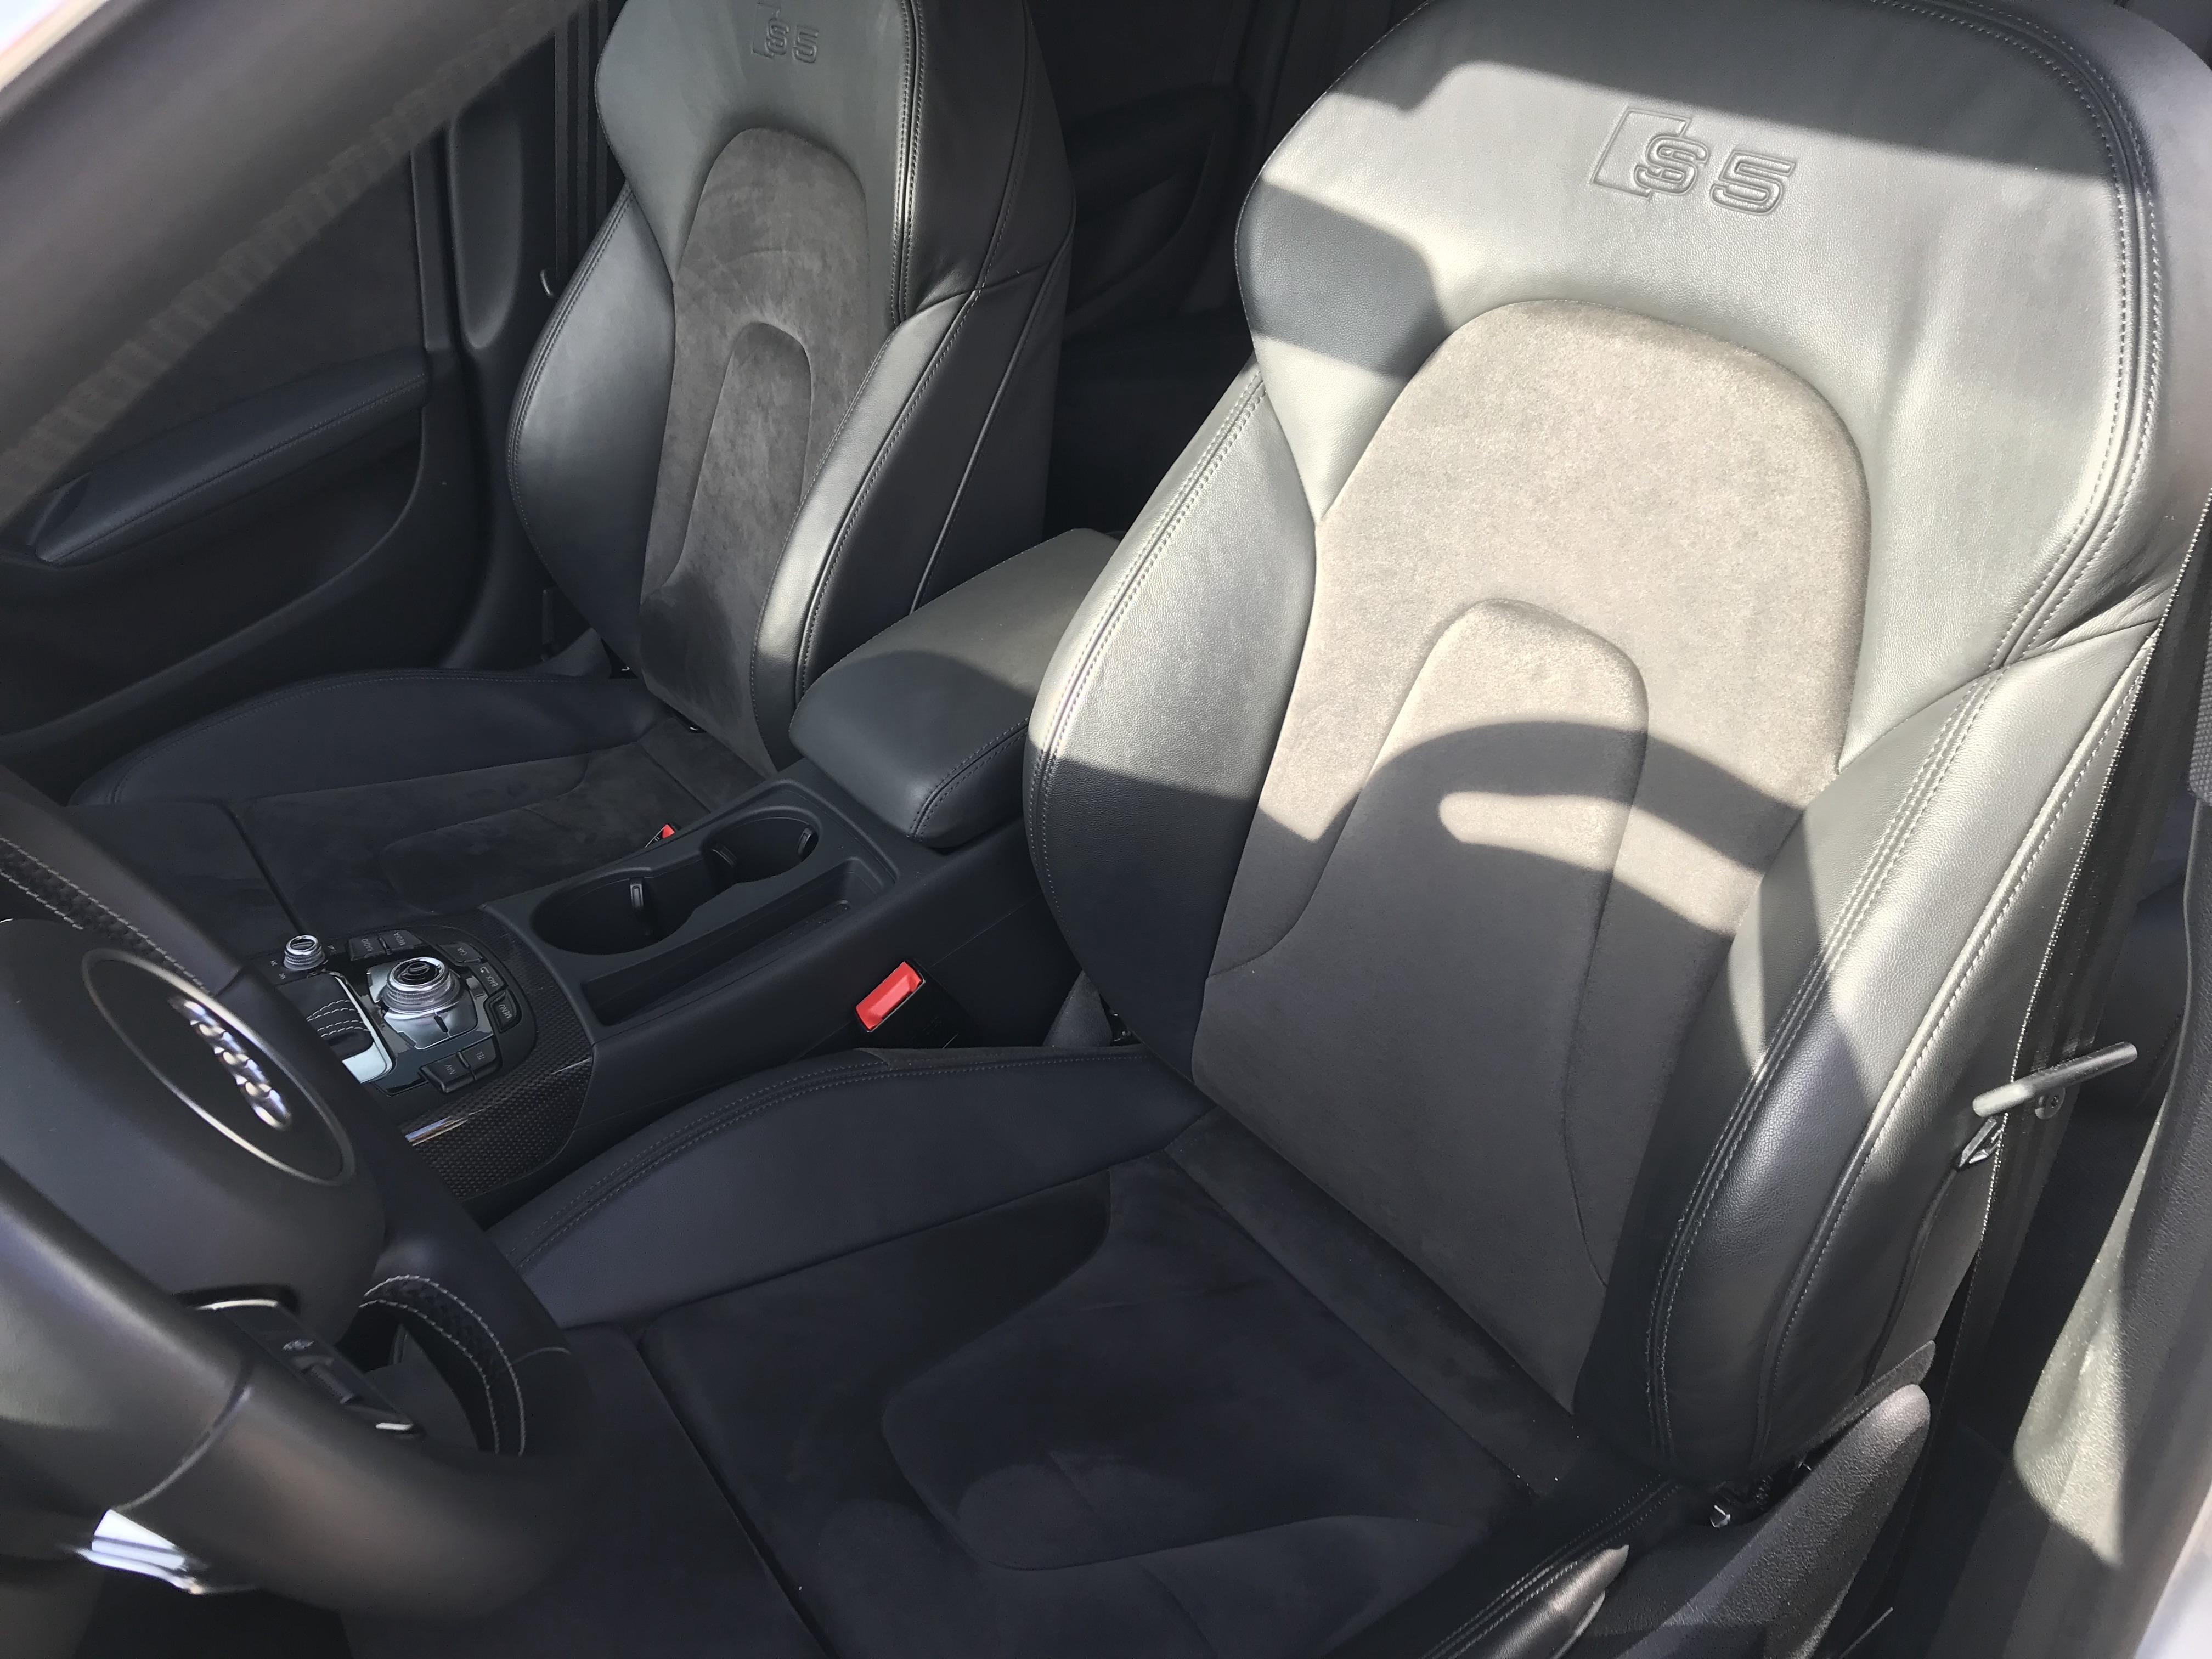 Покупка на кола от Германия - Audi S5 Sportback 2013 3.0 TFSI 333 к.с. Quattro - 33500 Evro - 06.10.2017 (9.1)